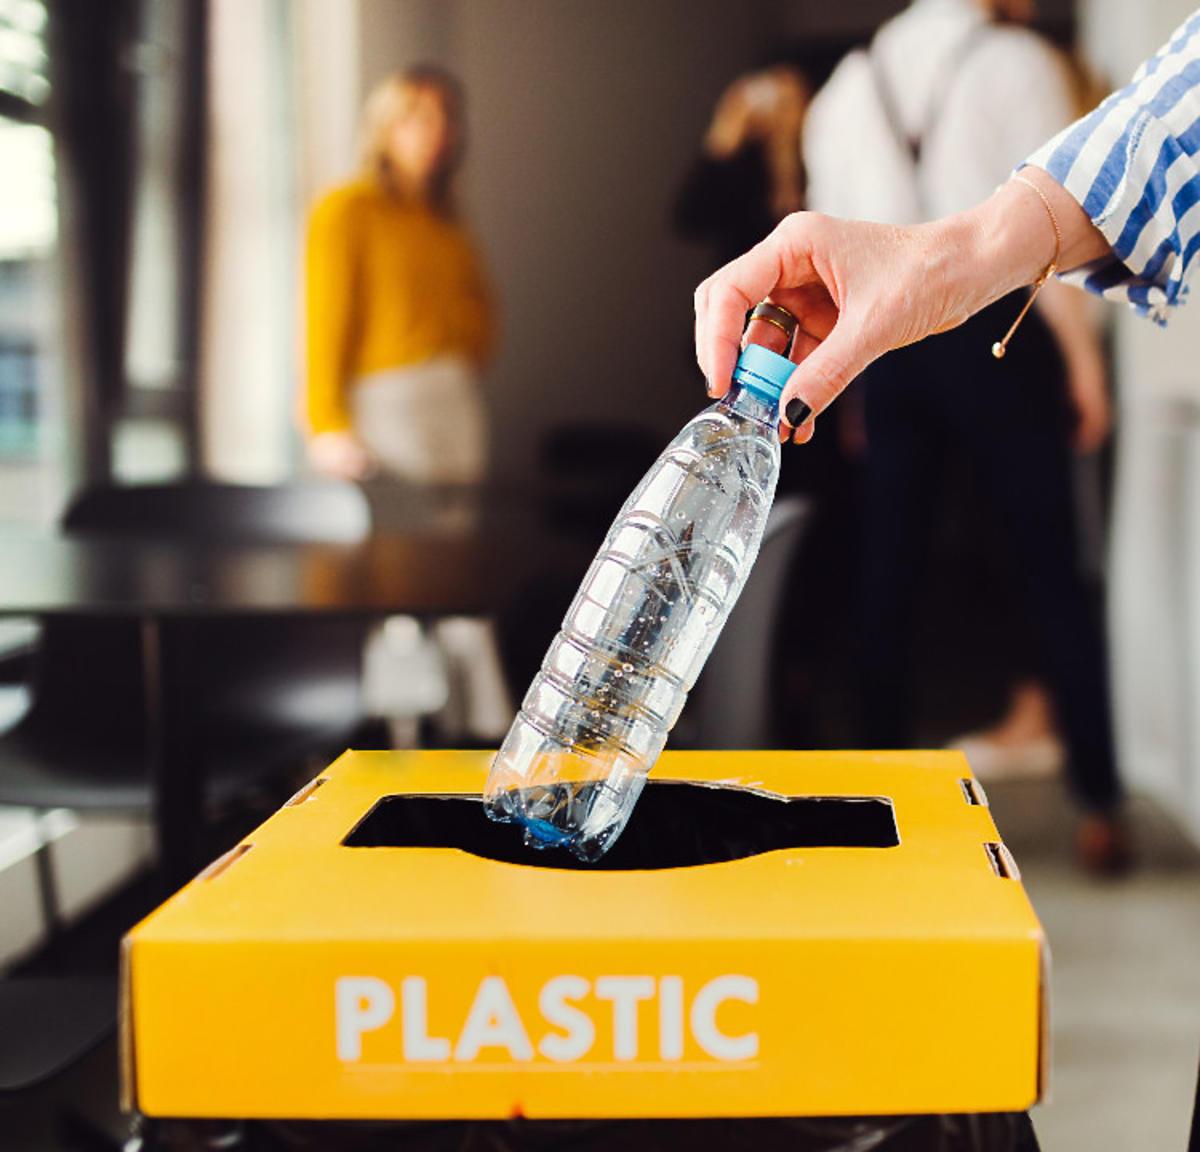 zywiec-zdroj-recyckling